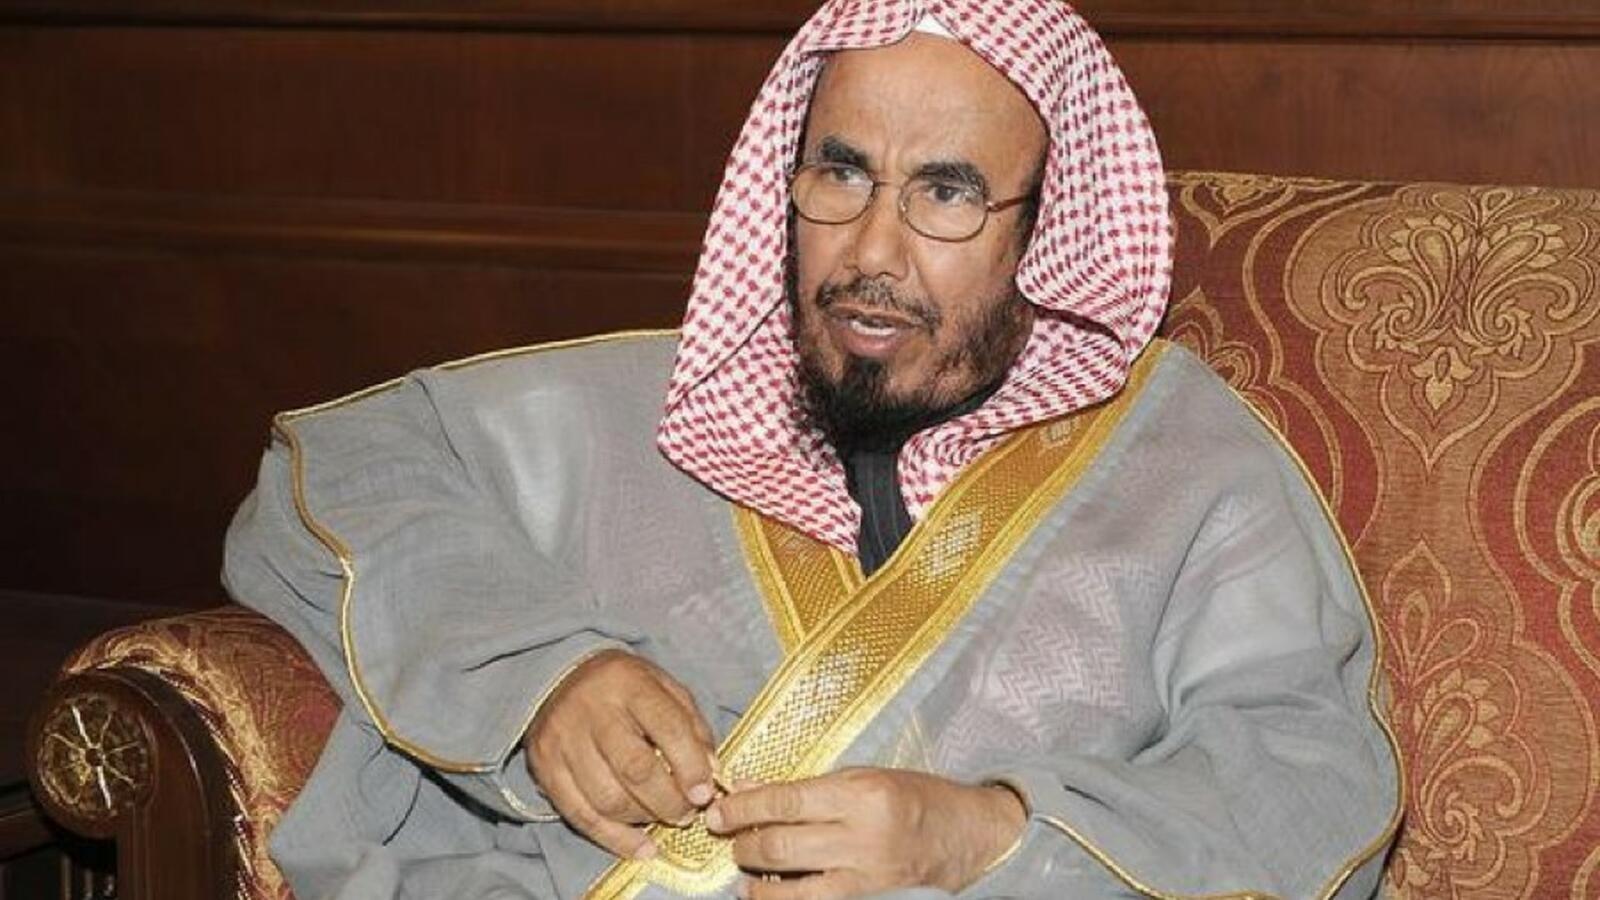 شيخ سعودي يحرم المسلسلات.. ولكن!